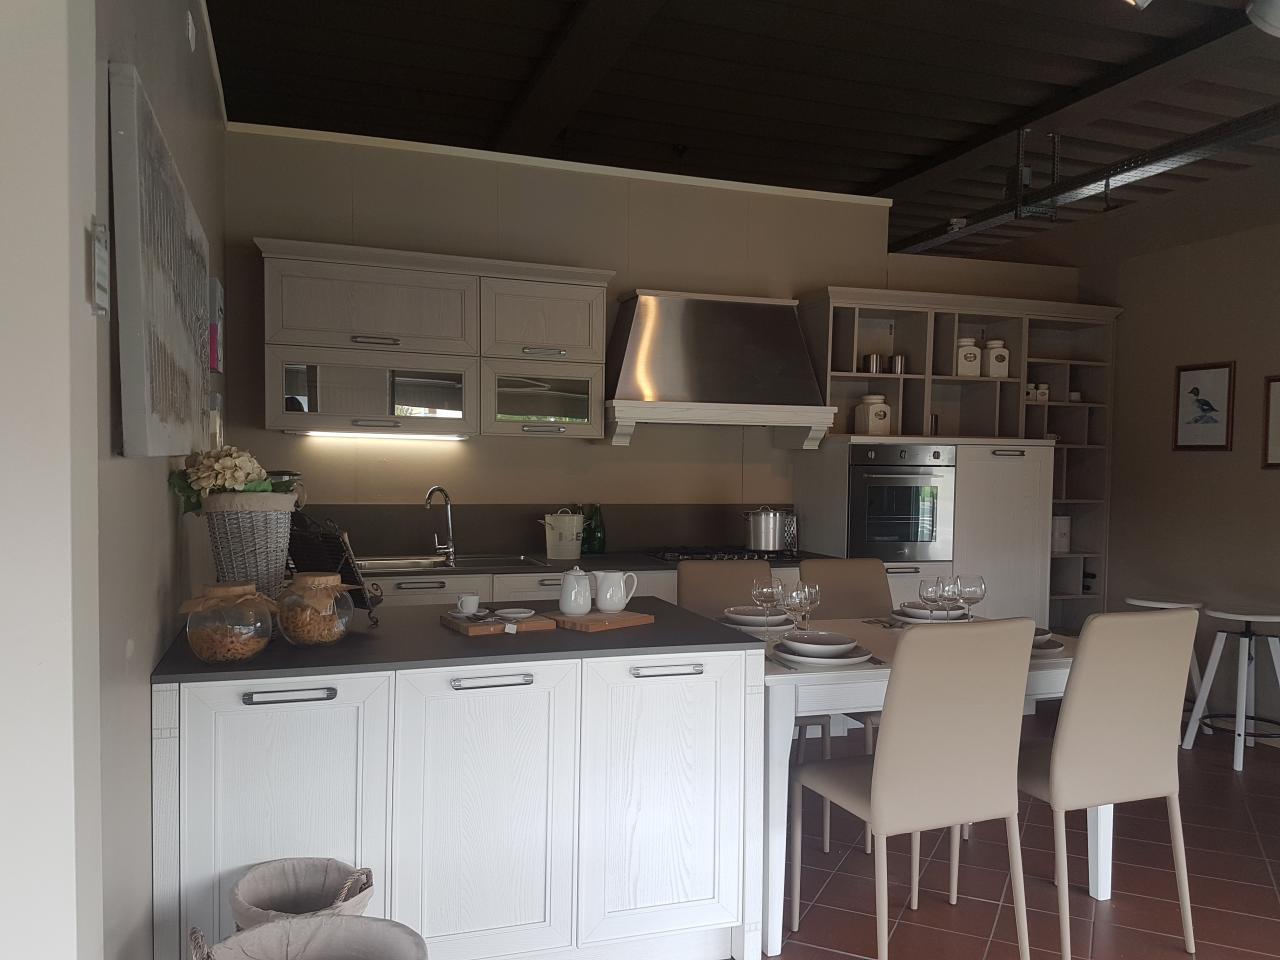 cucina-stosa-modello-maxim-5 | Arredamento Casa e Cucina a ...